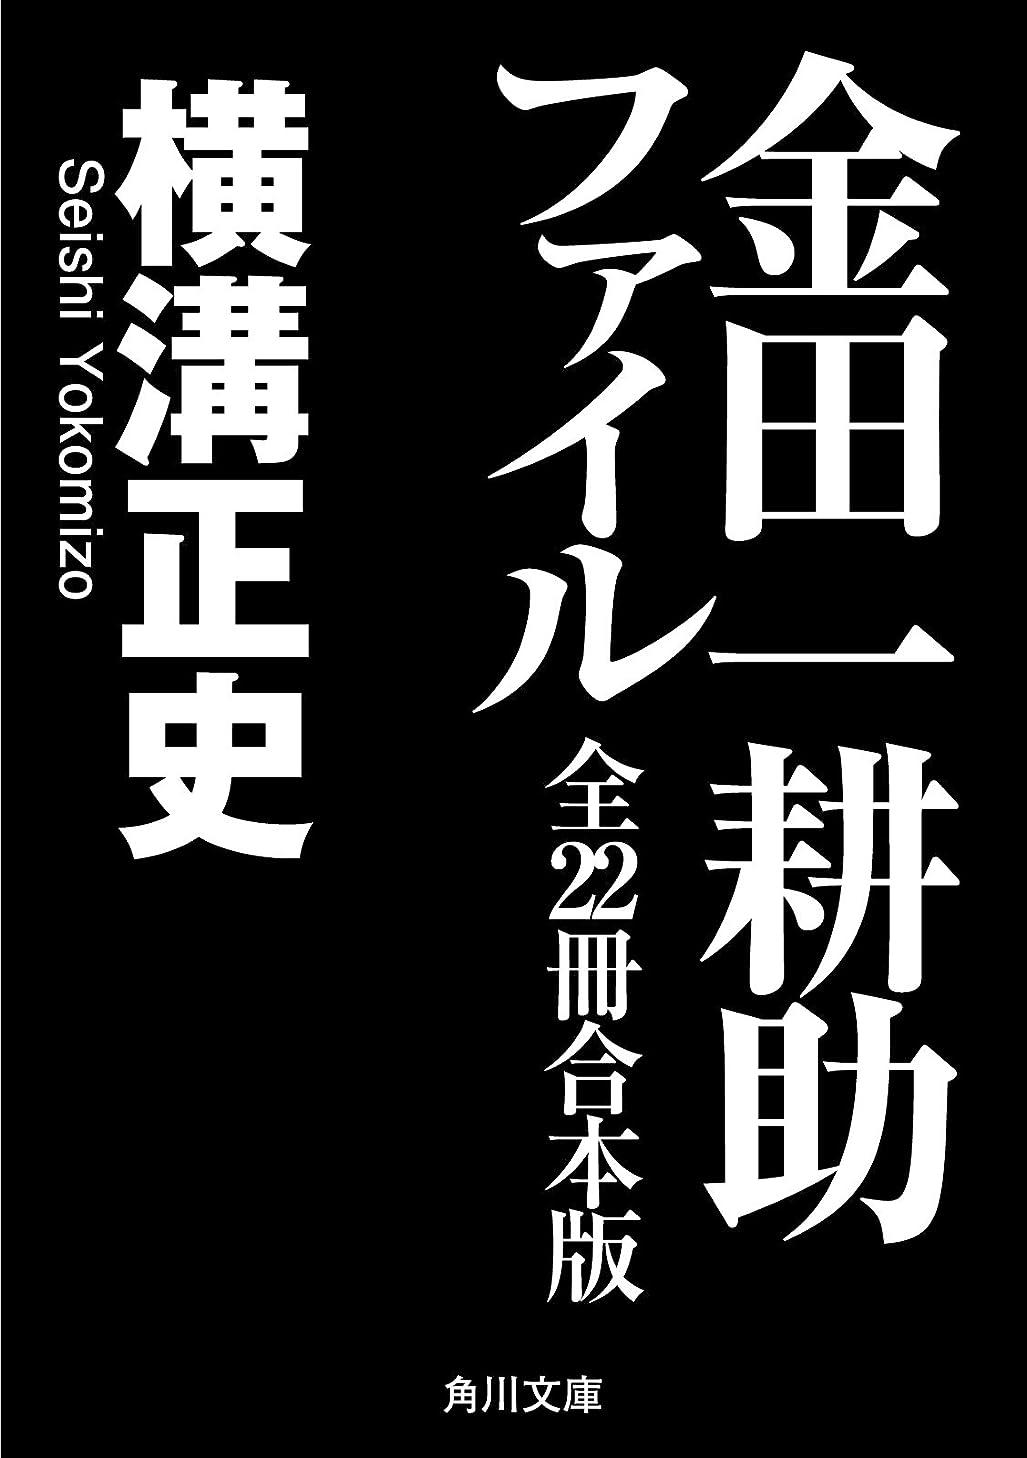 ちょっと待って苦しみ摩擦金田一耕助ファイル 全22冊合本版 (角川文庫)